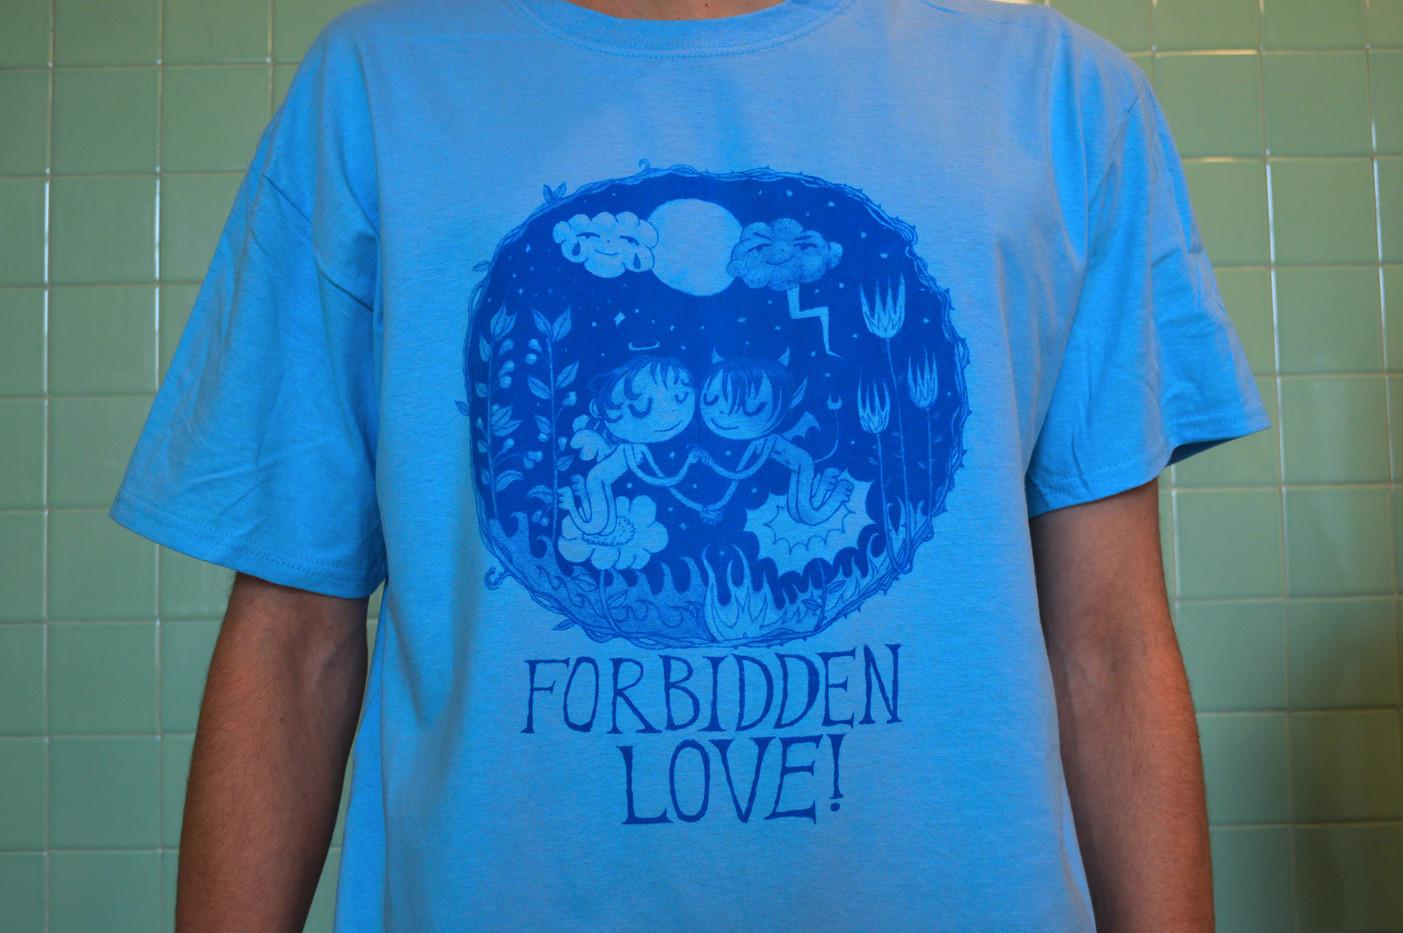 fbd_love_blue_s.jpg